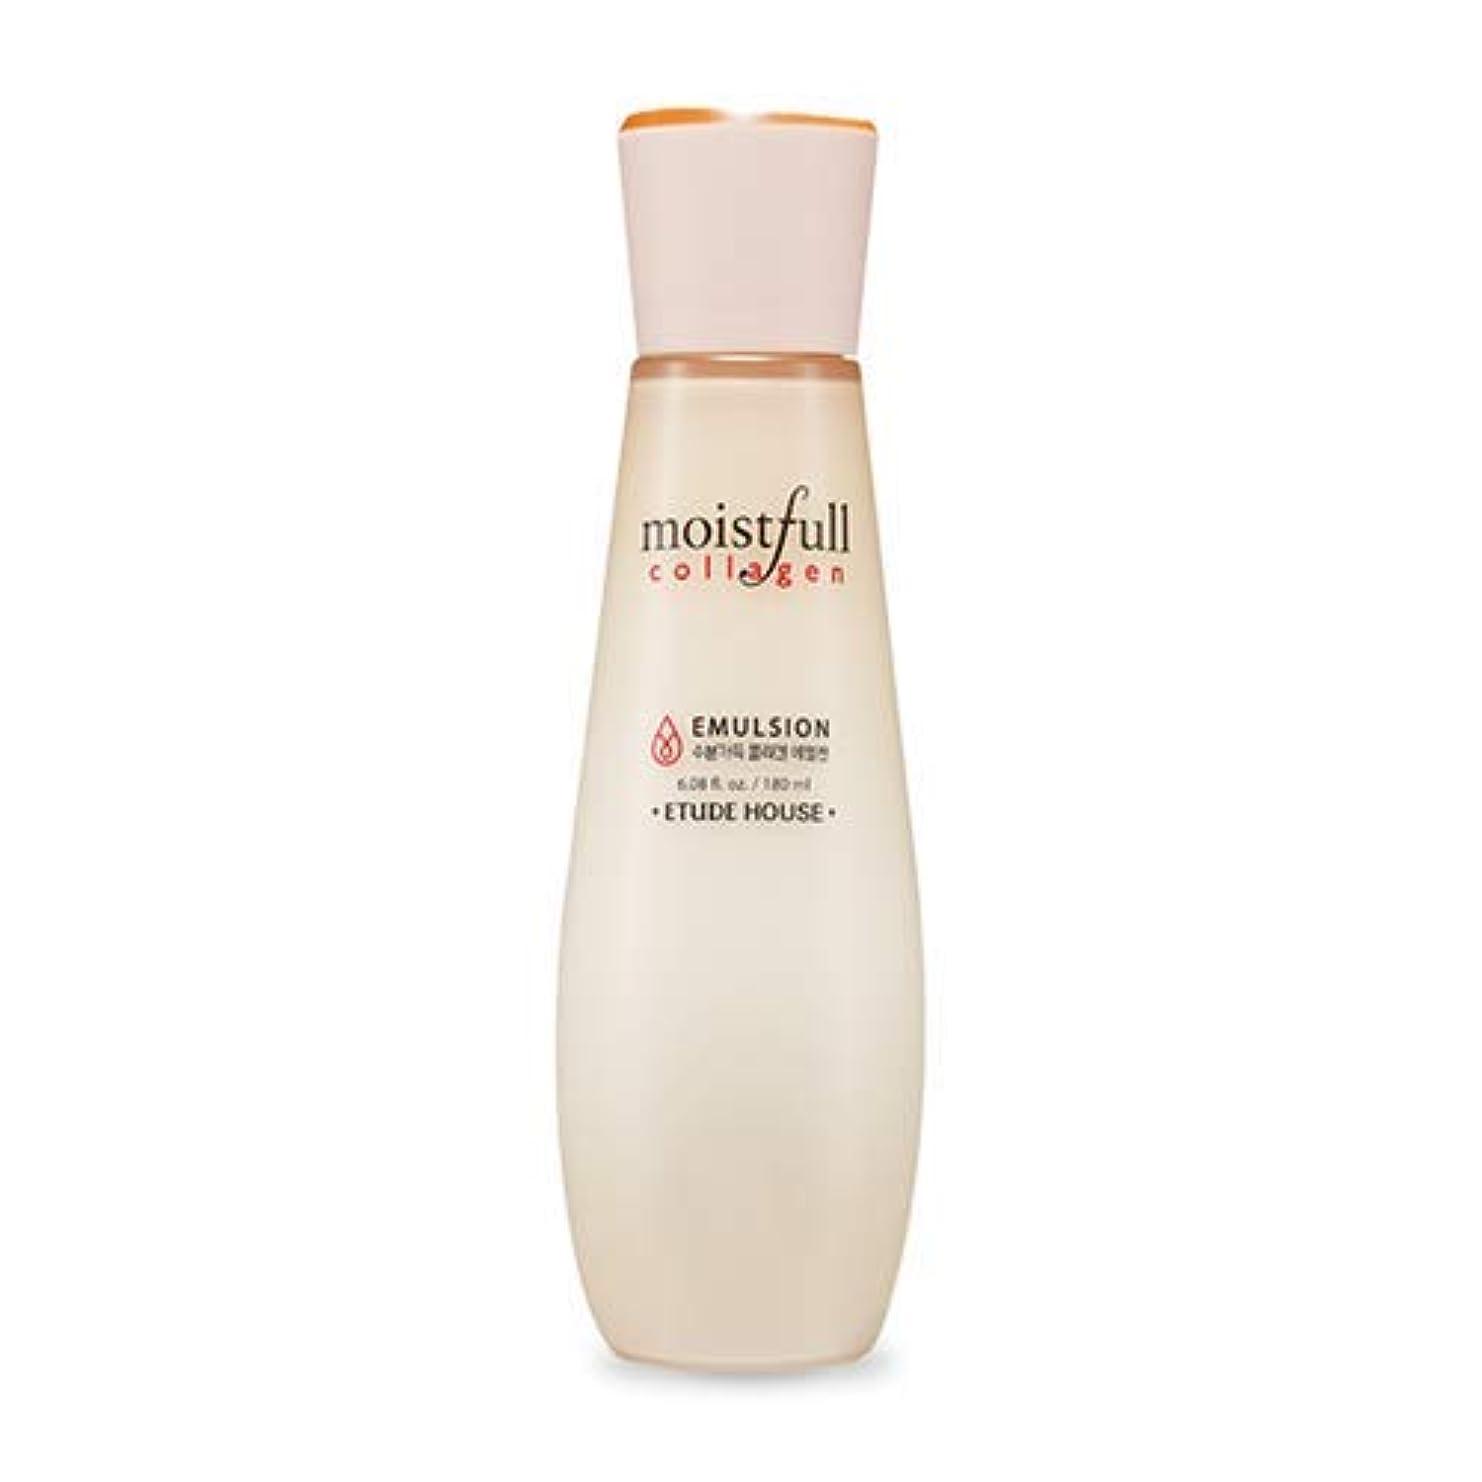 ホールスティーブンソン不従順[エチュードハウス] ETUDE HOUSE [モイストフルコラーゲン基礎化粧品 スキン/ローション ] (ETUDE HOUSE Moistfull Collagen Skin/Lotion) (02 Moistfull Collagen Emulsion ) [並行輸入品]